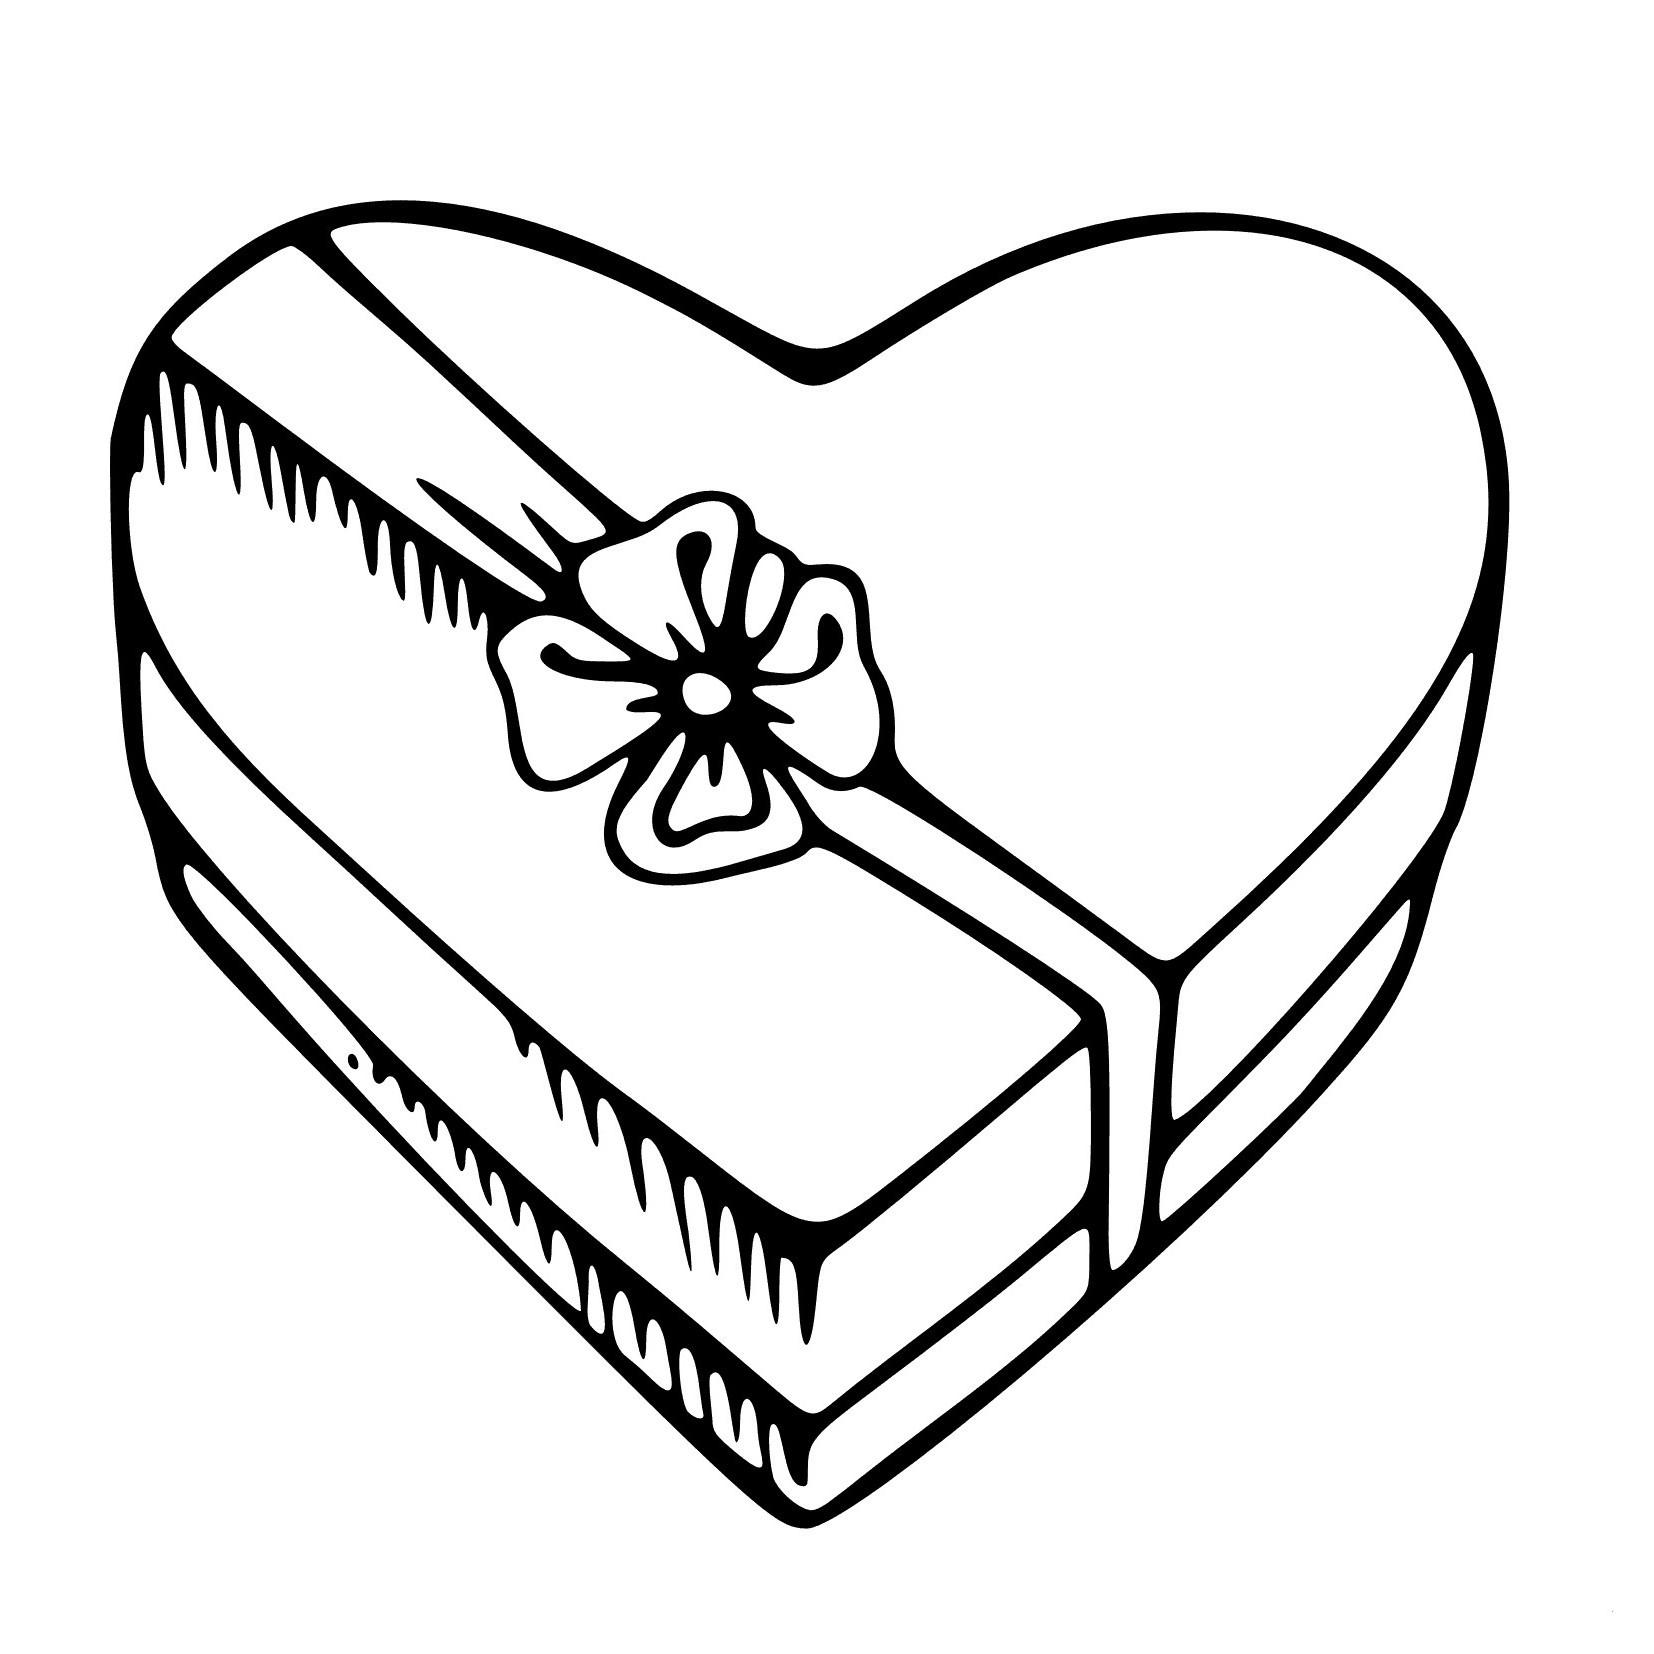 Herz Bilder Zum Ausmalen Frisch 35 Luxus Ausmalbilder Herz – Malvorlagen Ideen Bild